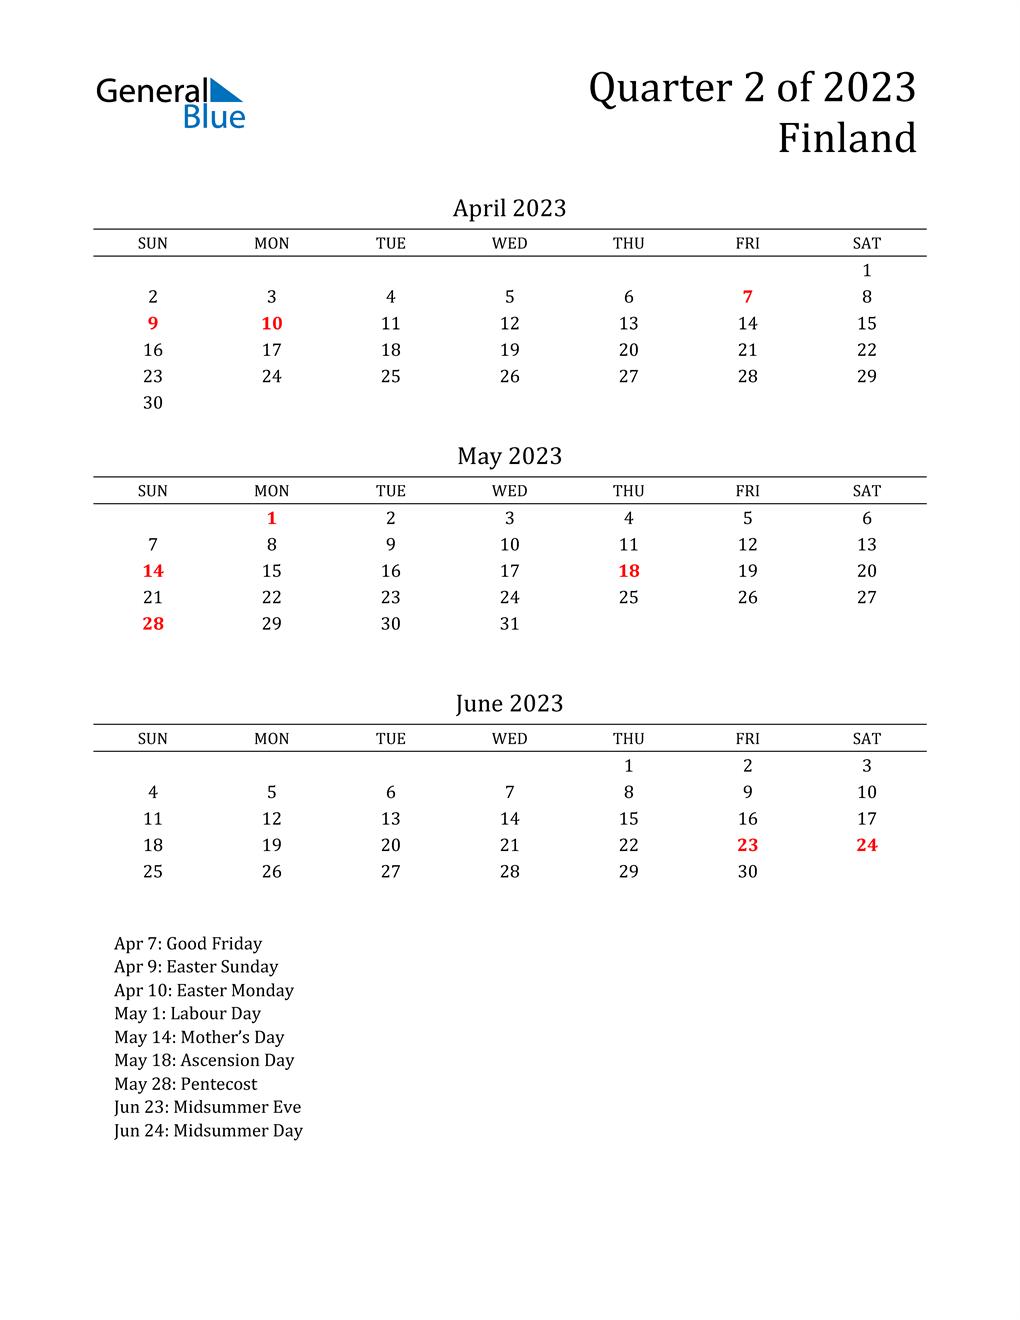 2023 Finland Quarterly Calendar